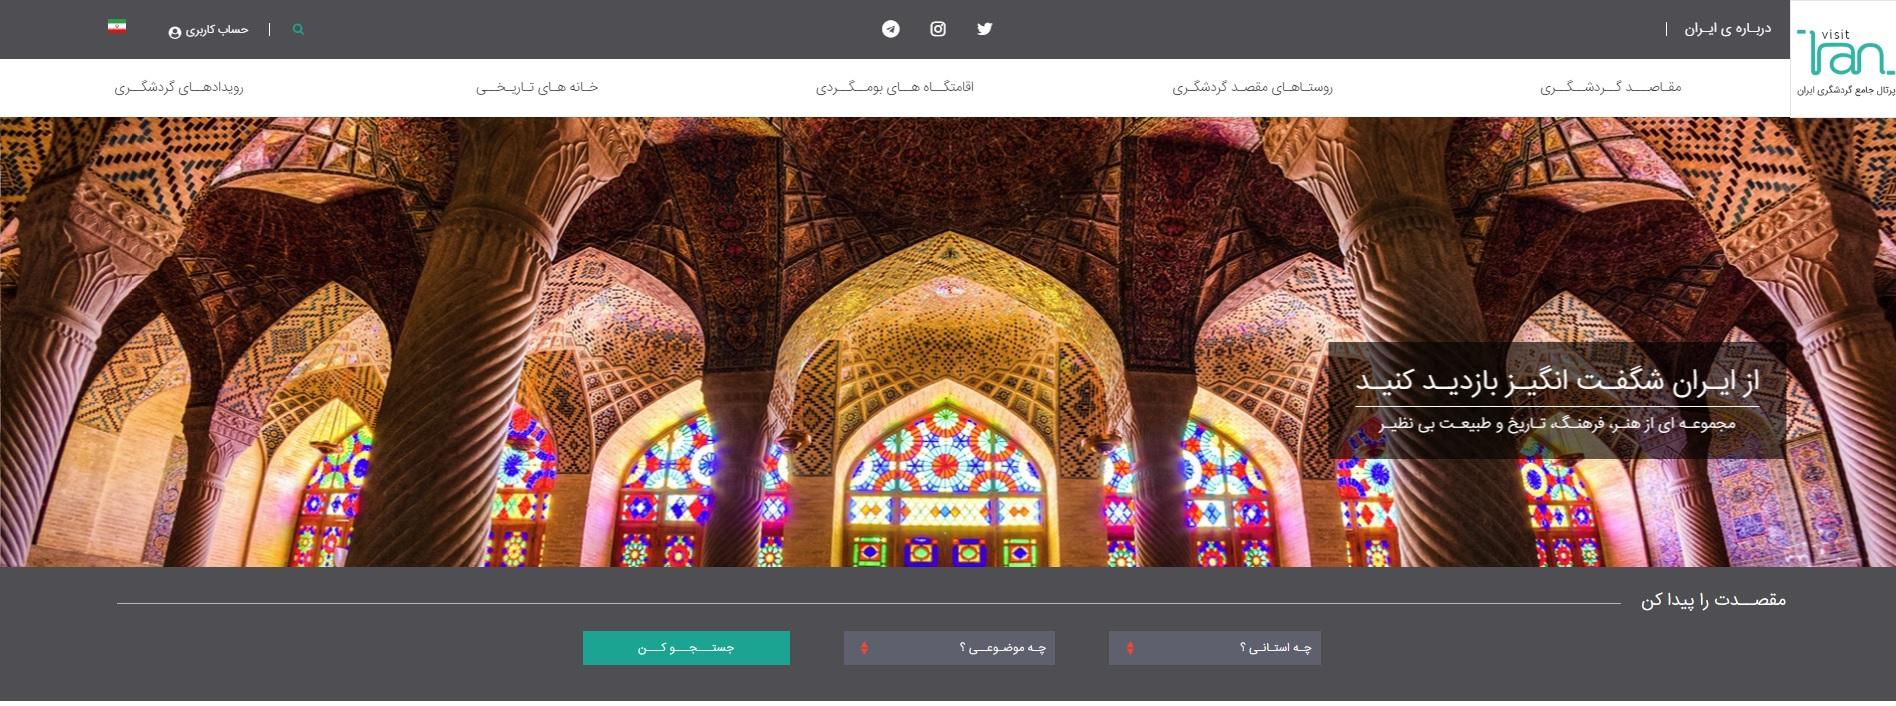 سایت شاهکار میراث فرهنگی